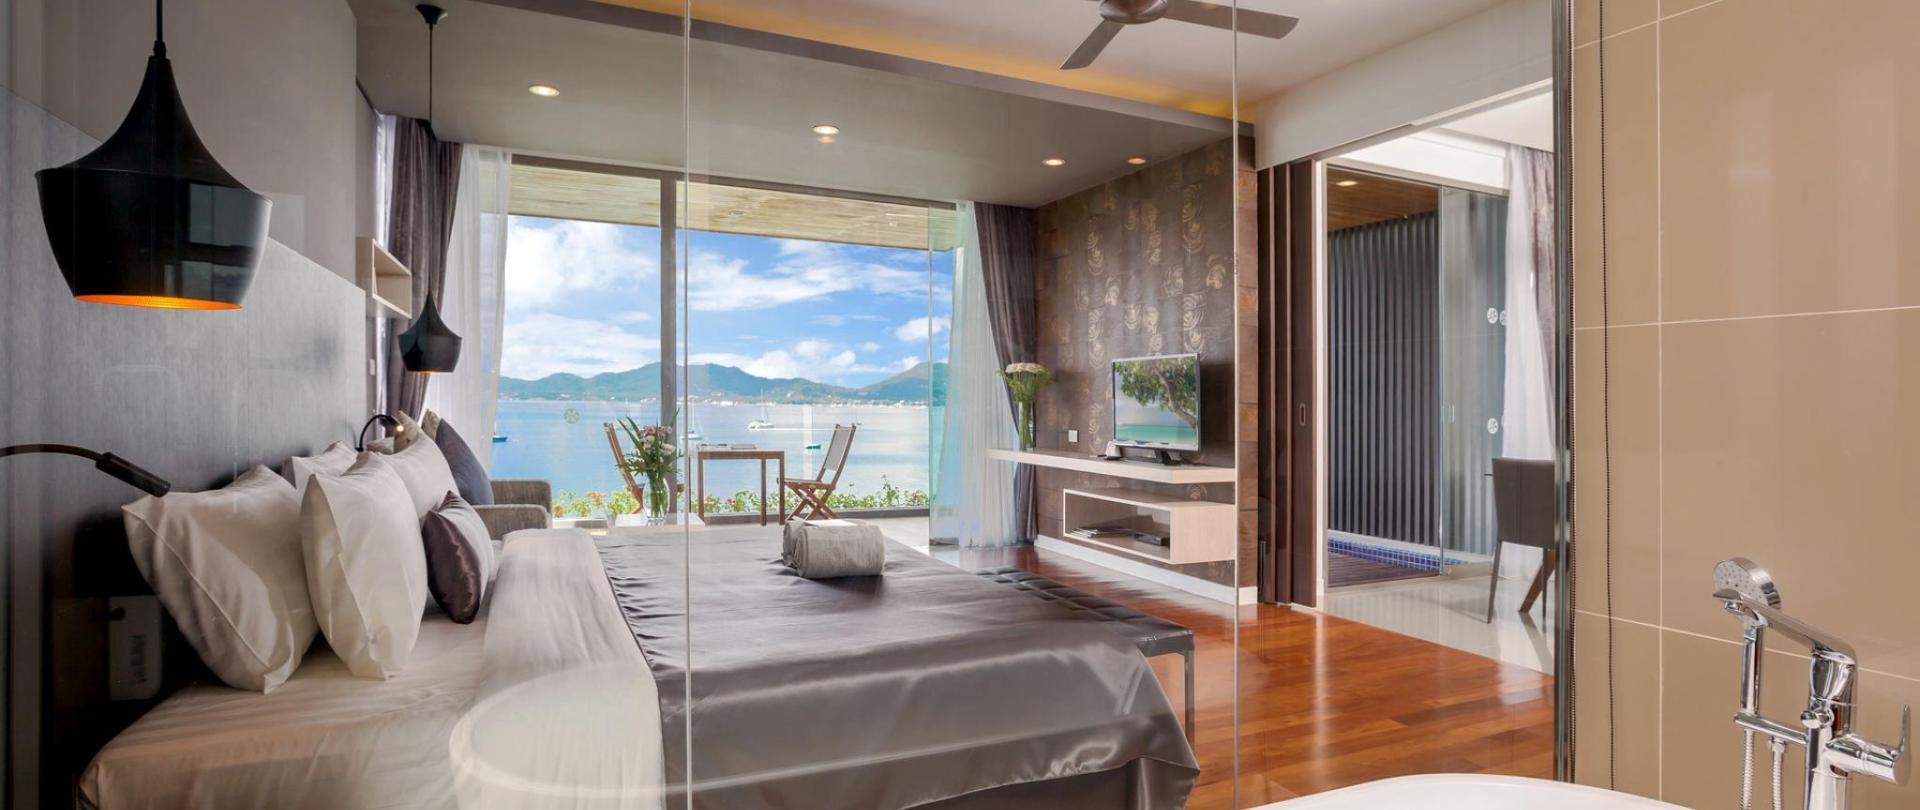 Suites X10 Seaview à la plage de Panwa